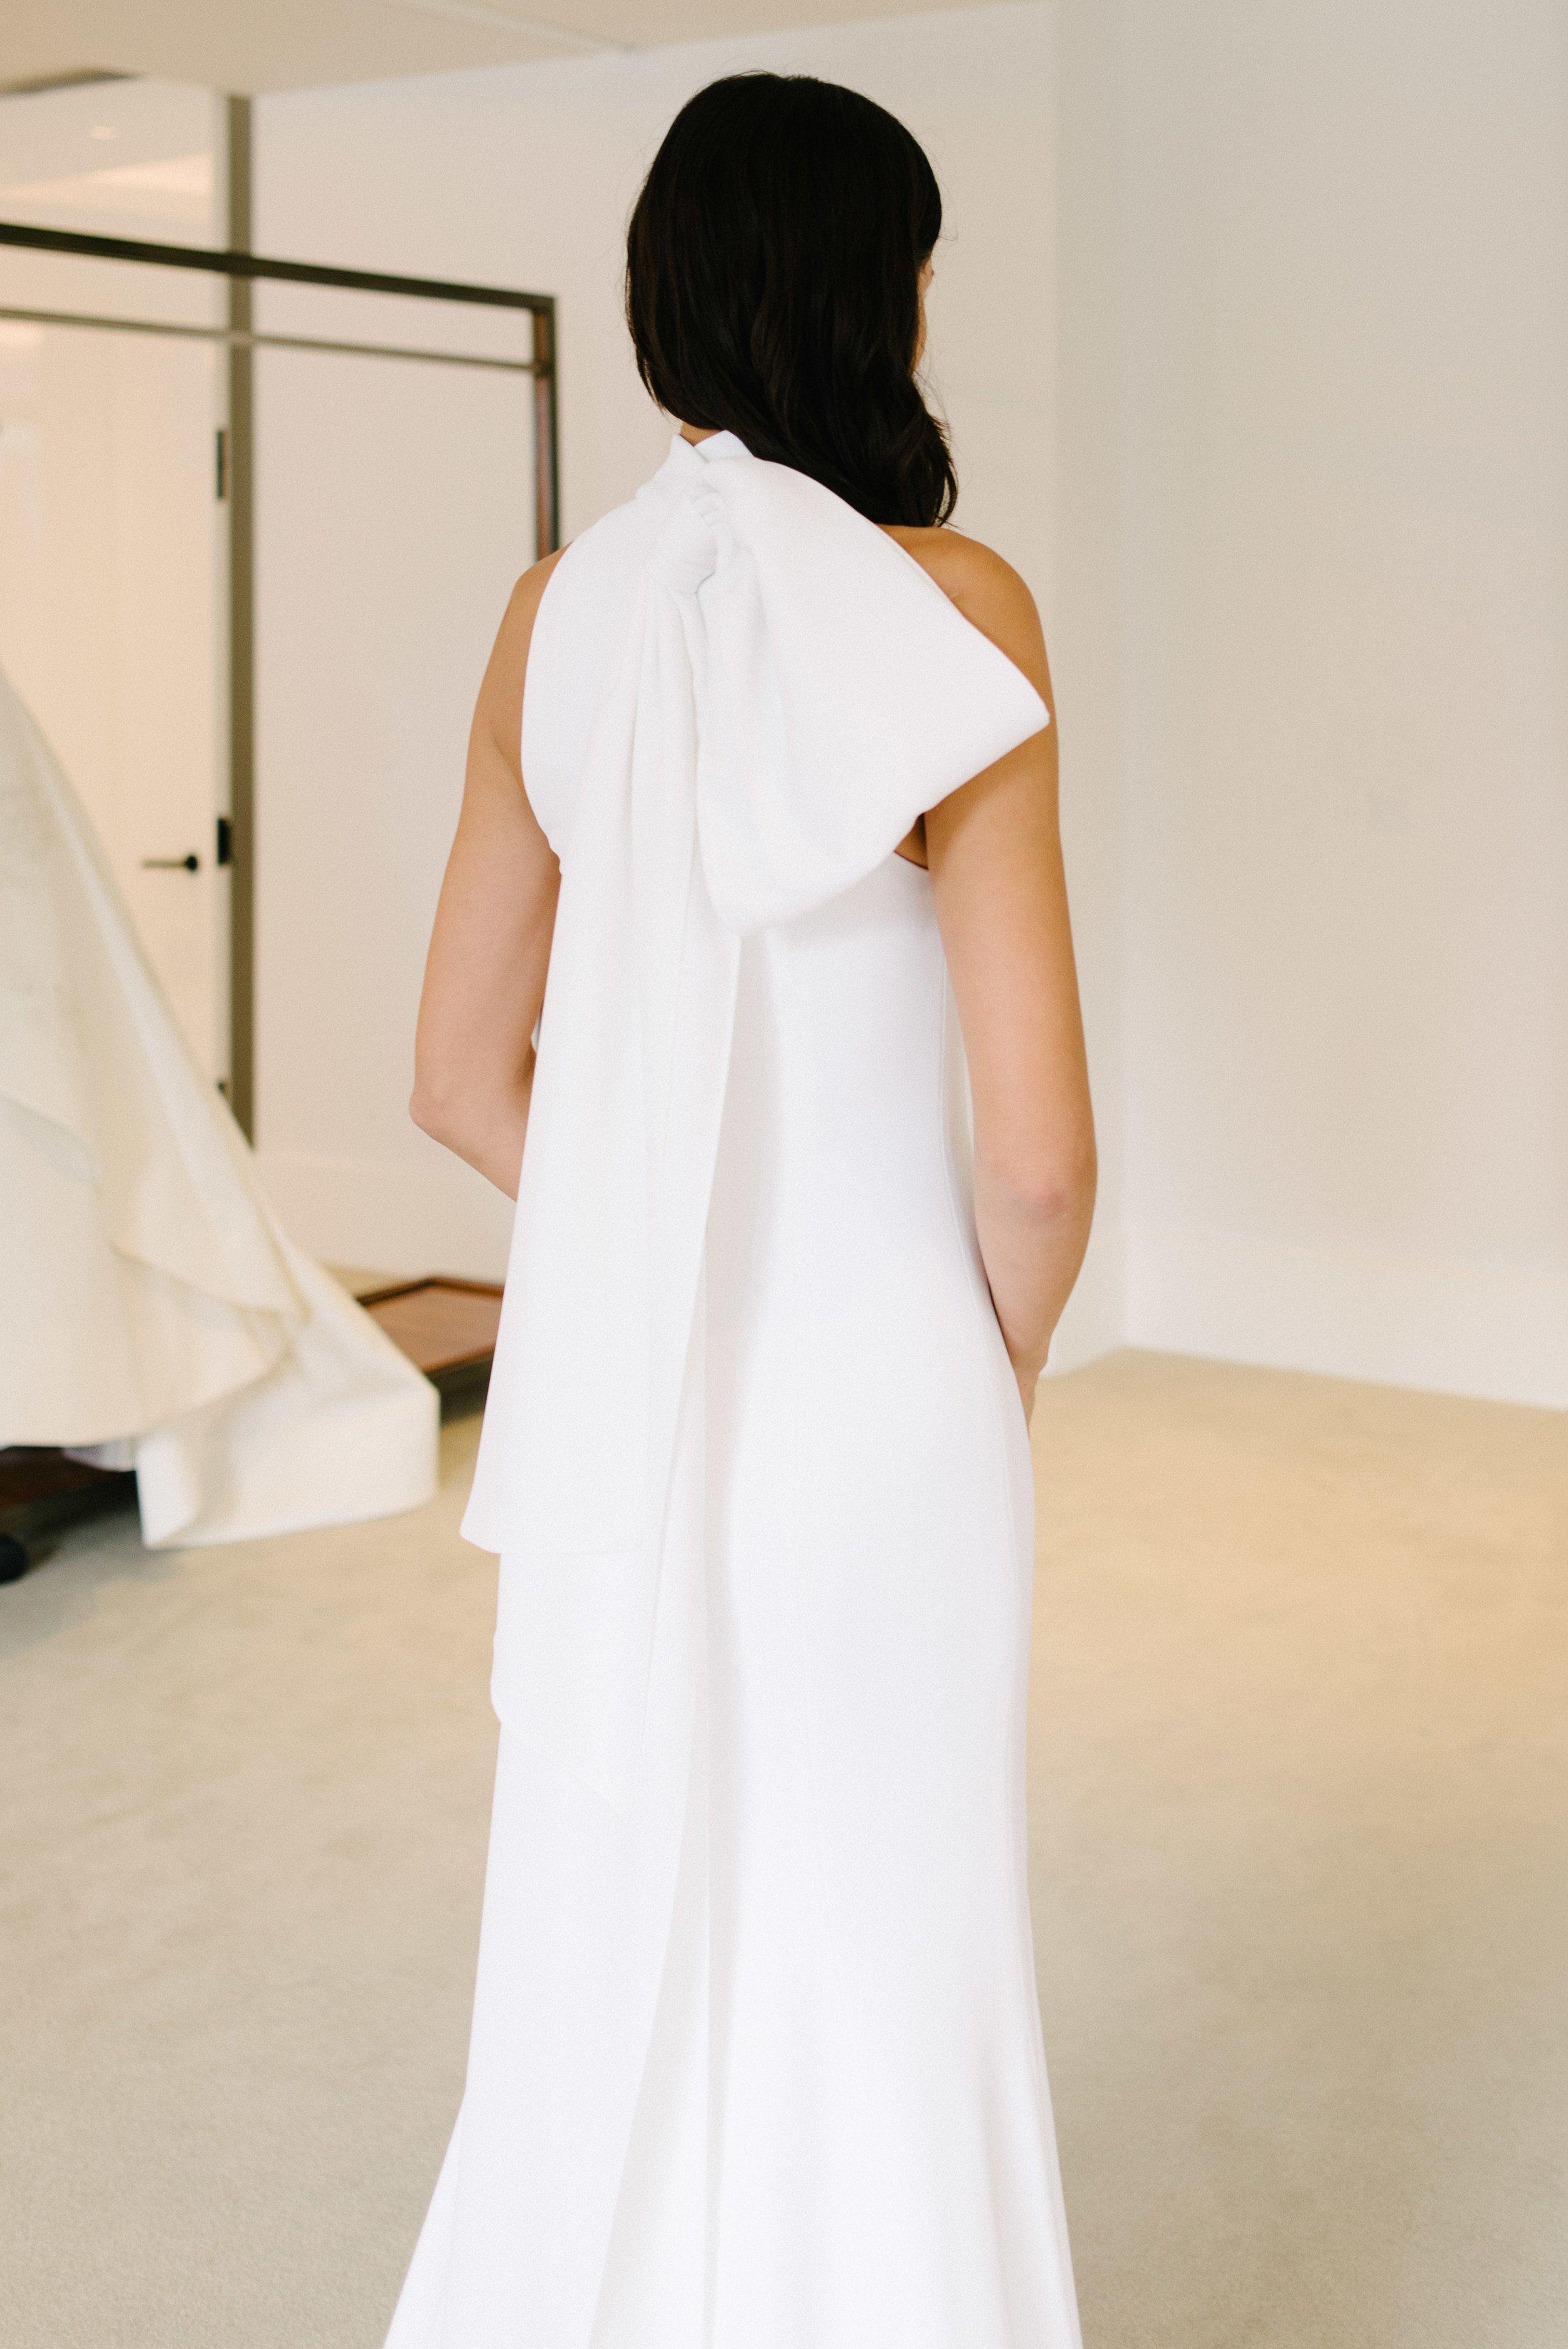 2f915fc7f80d4 Iris - Carolina Herrera, Carolina Herrera Collection 2019 at NY Bridal  Market. Little White